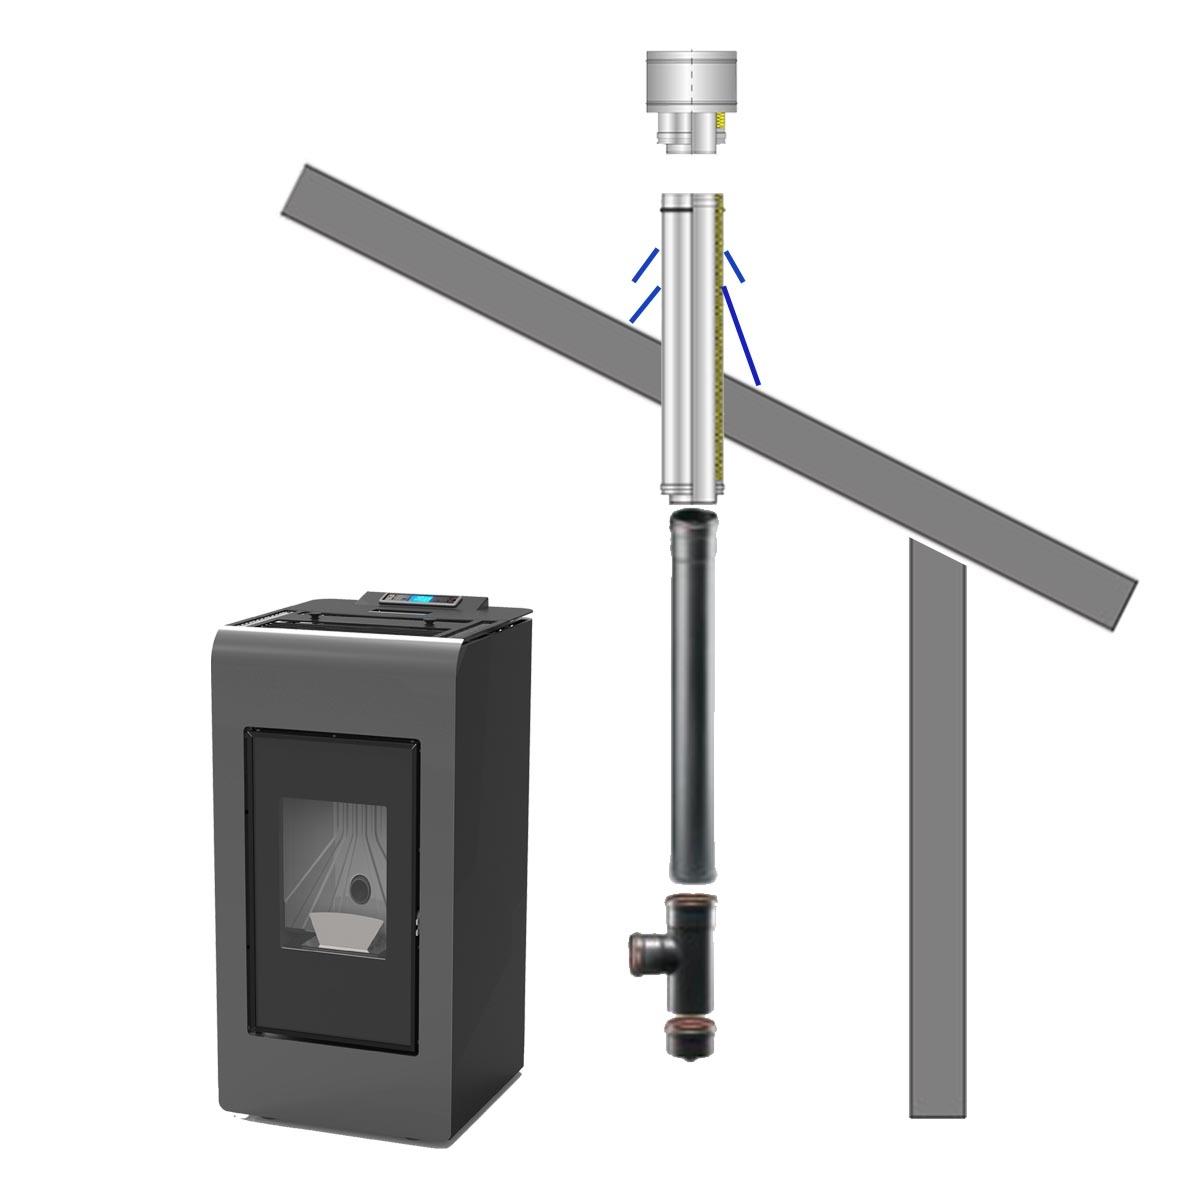 Afvoer systeem 3 - Schuin dak / open toestel